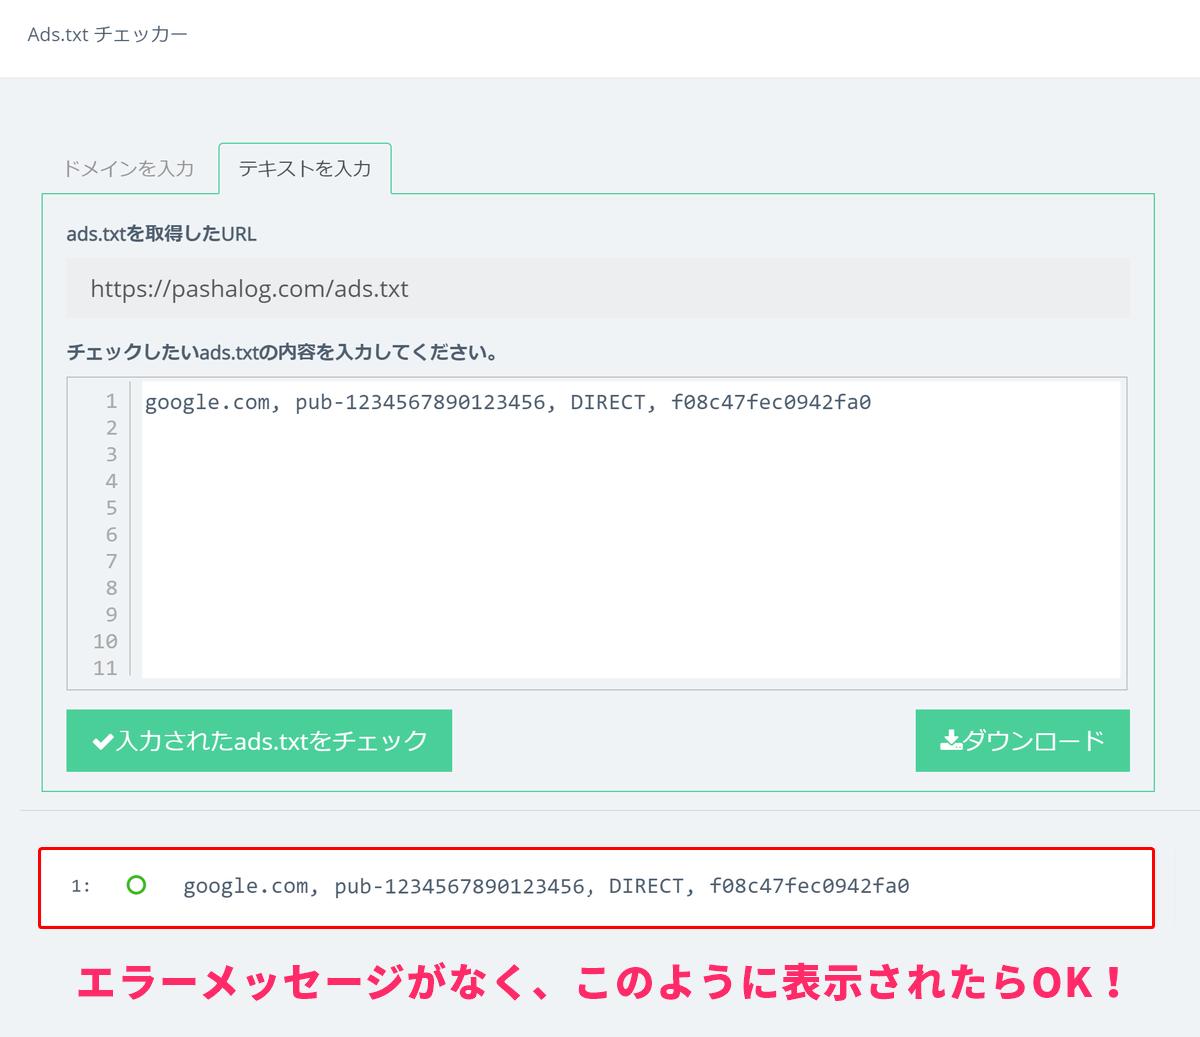 正常にads.txtが動作している場合